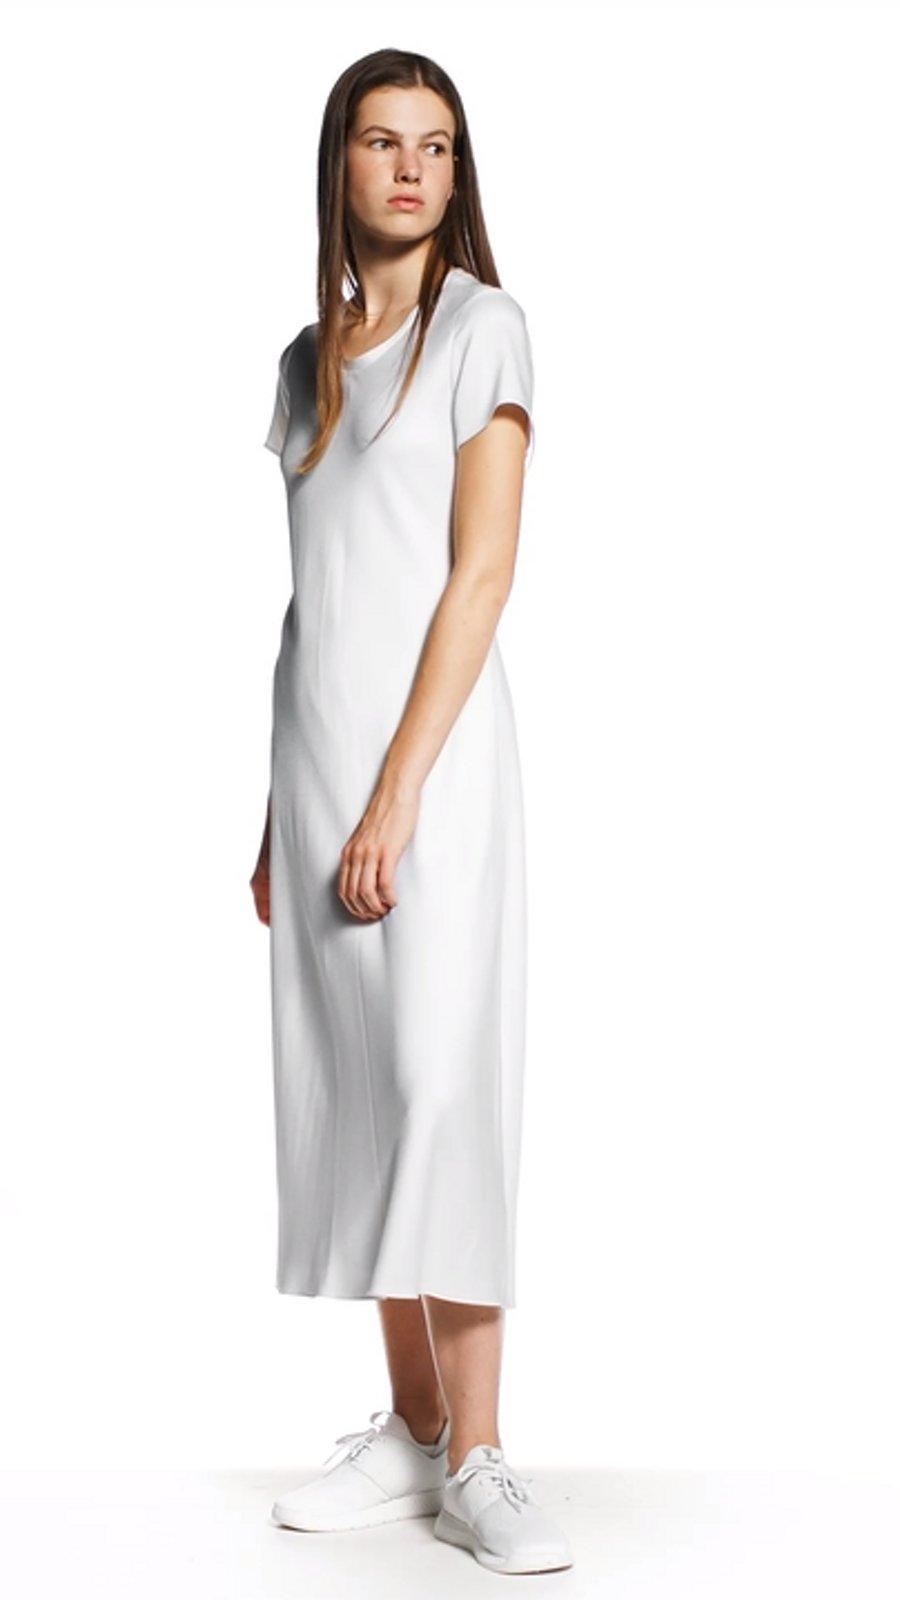 ab1fc7659da1 La donna indossa un vestito bianco e scarpe bianche BOSS ...